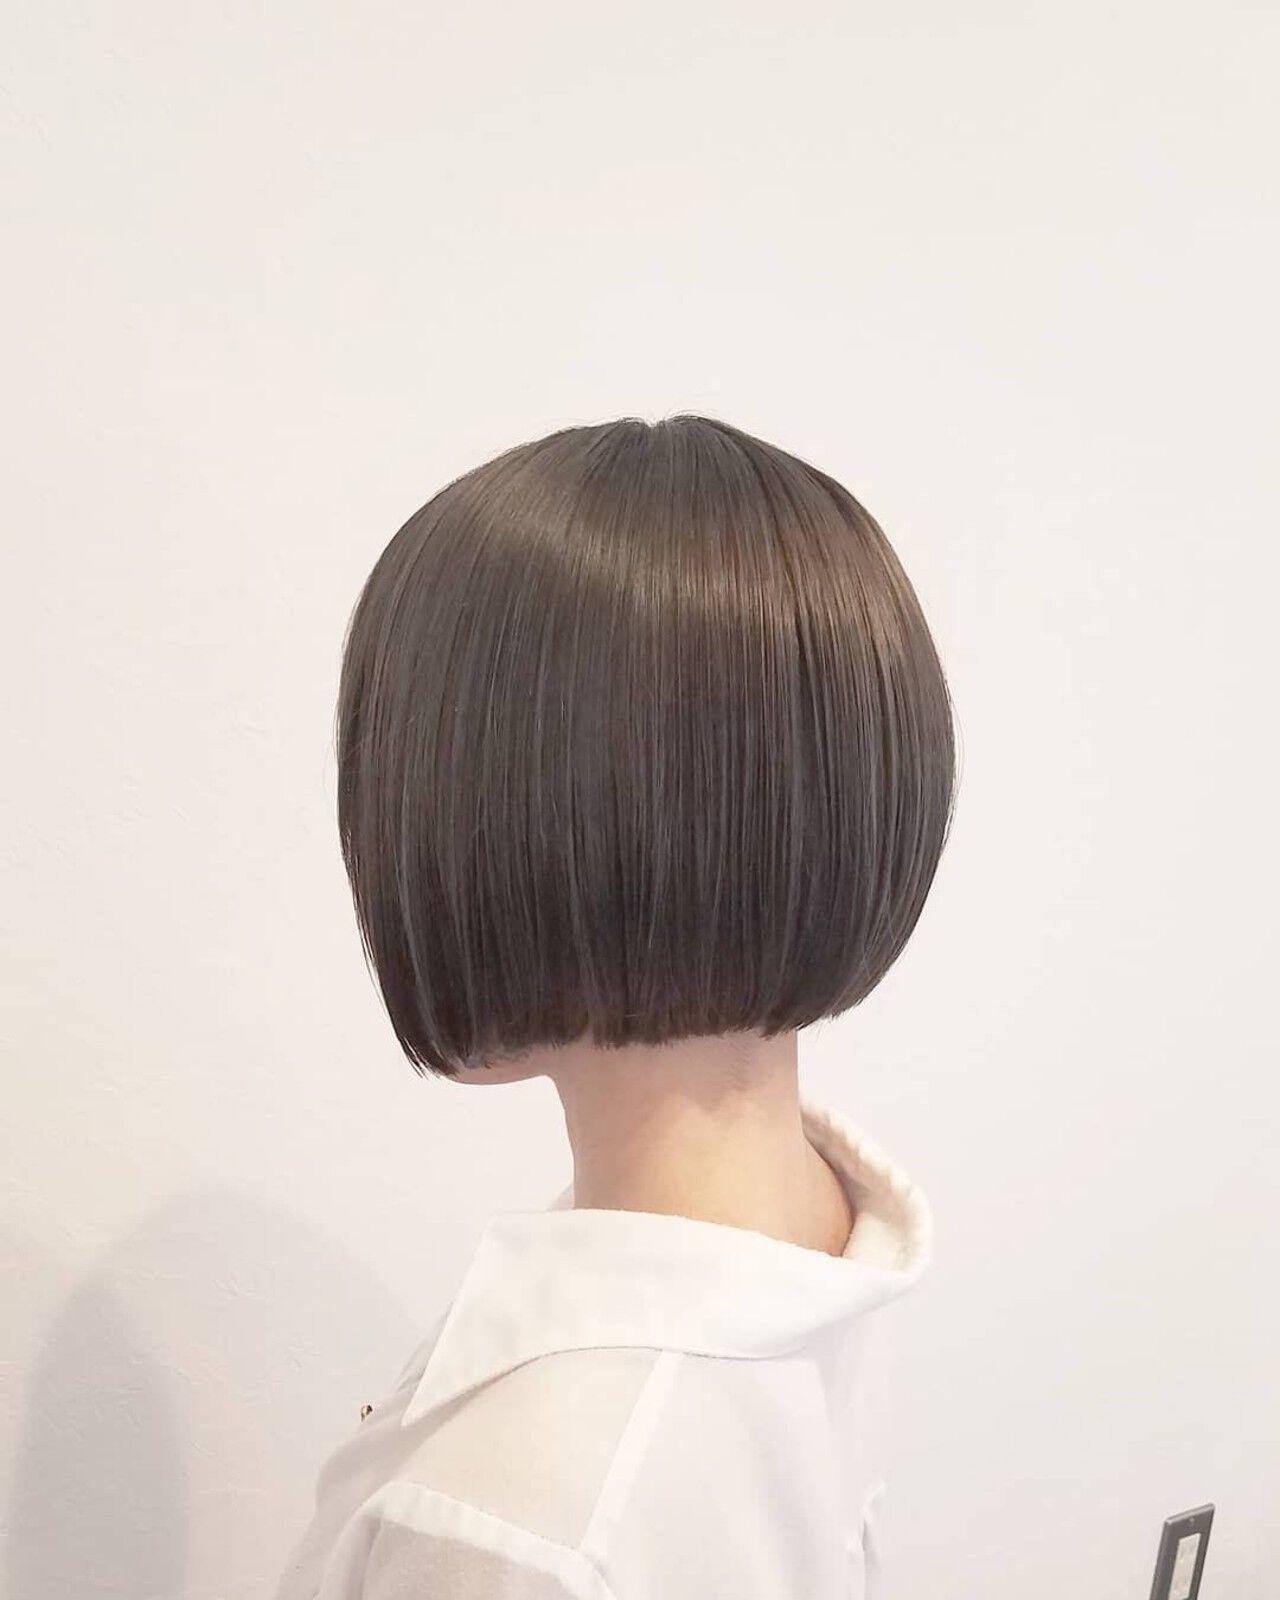 ナチュラル ボブ 夏 オフィスヘアスタイルや髪型の写真・画像